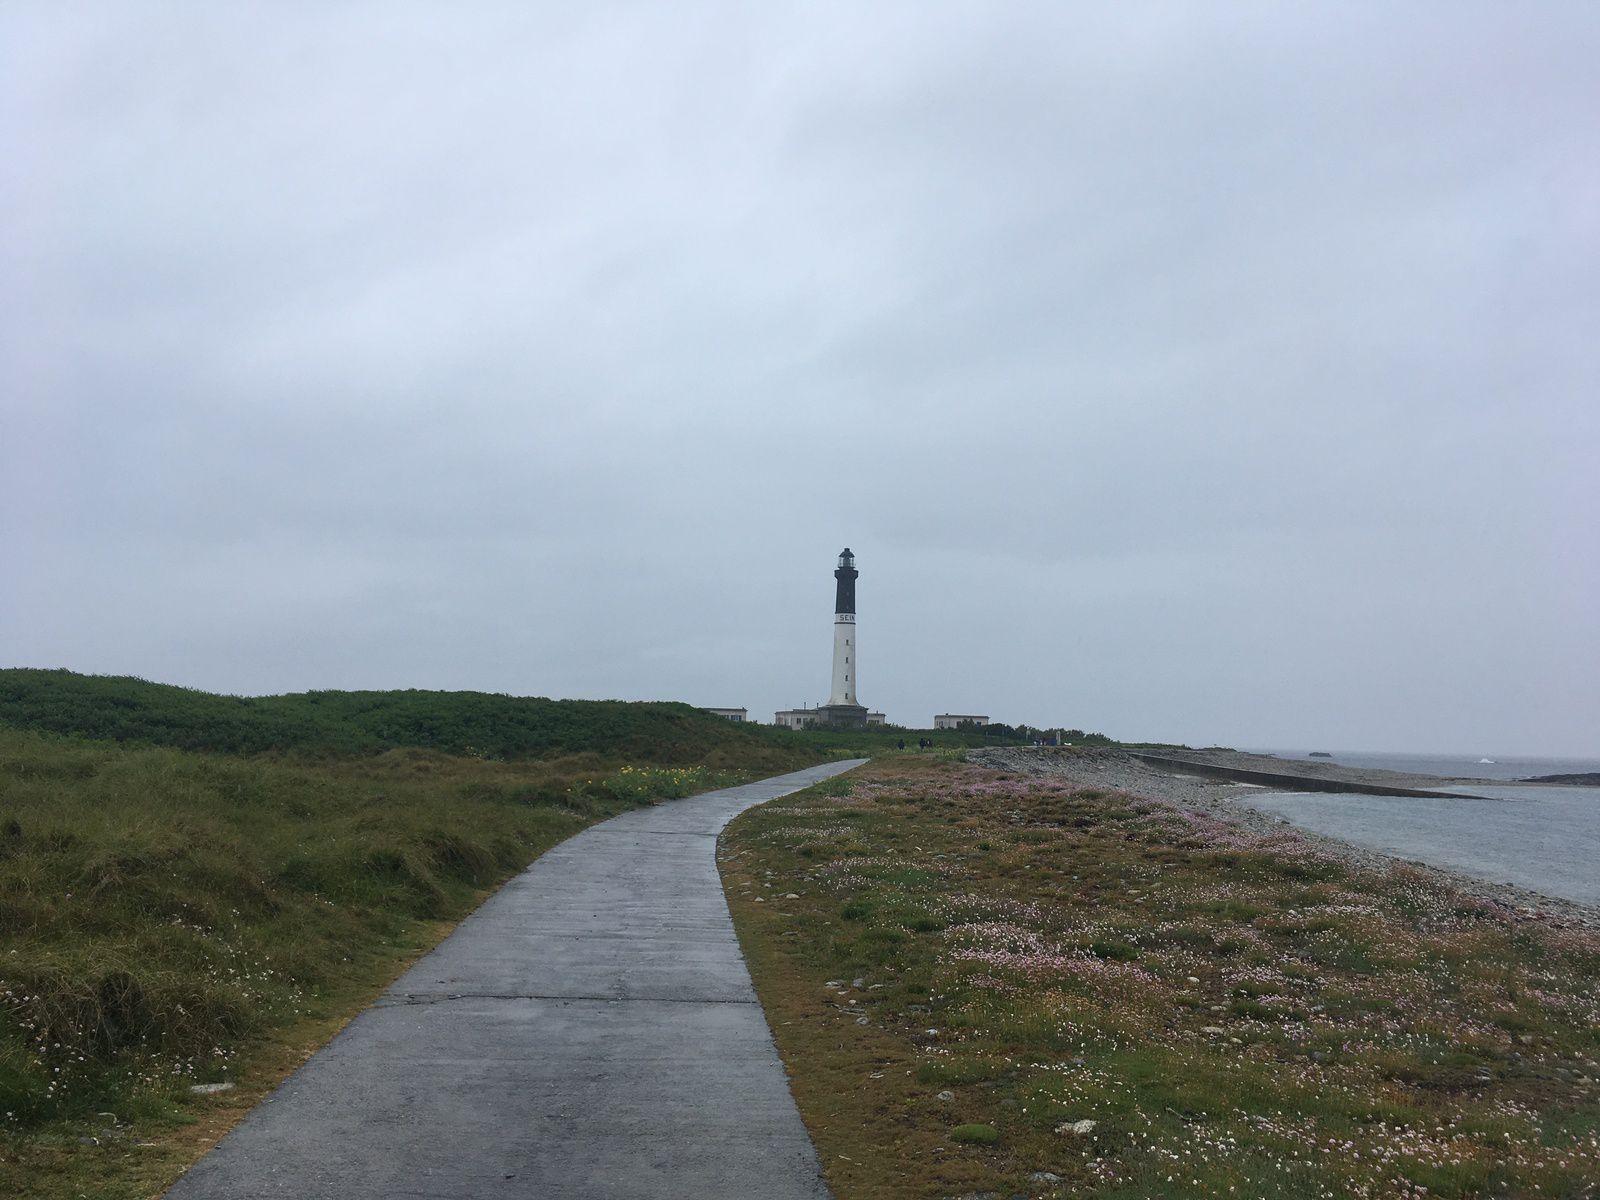 20 juin 2021 : L'île de Sein (France)